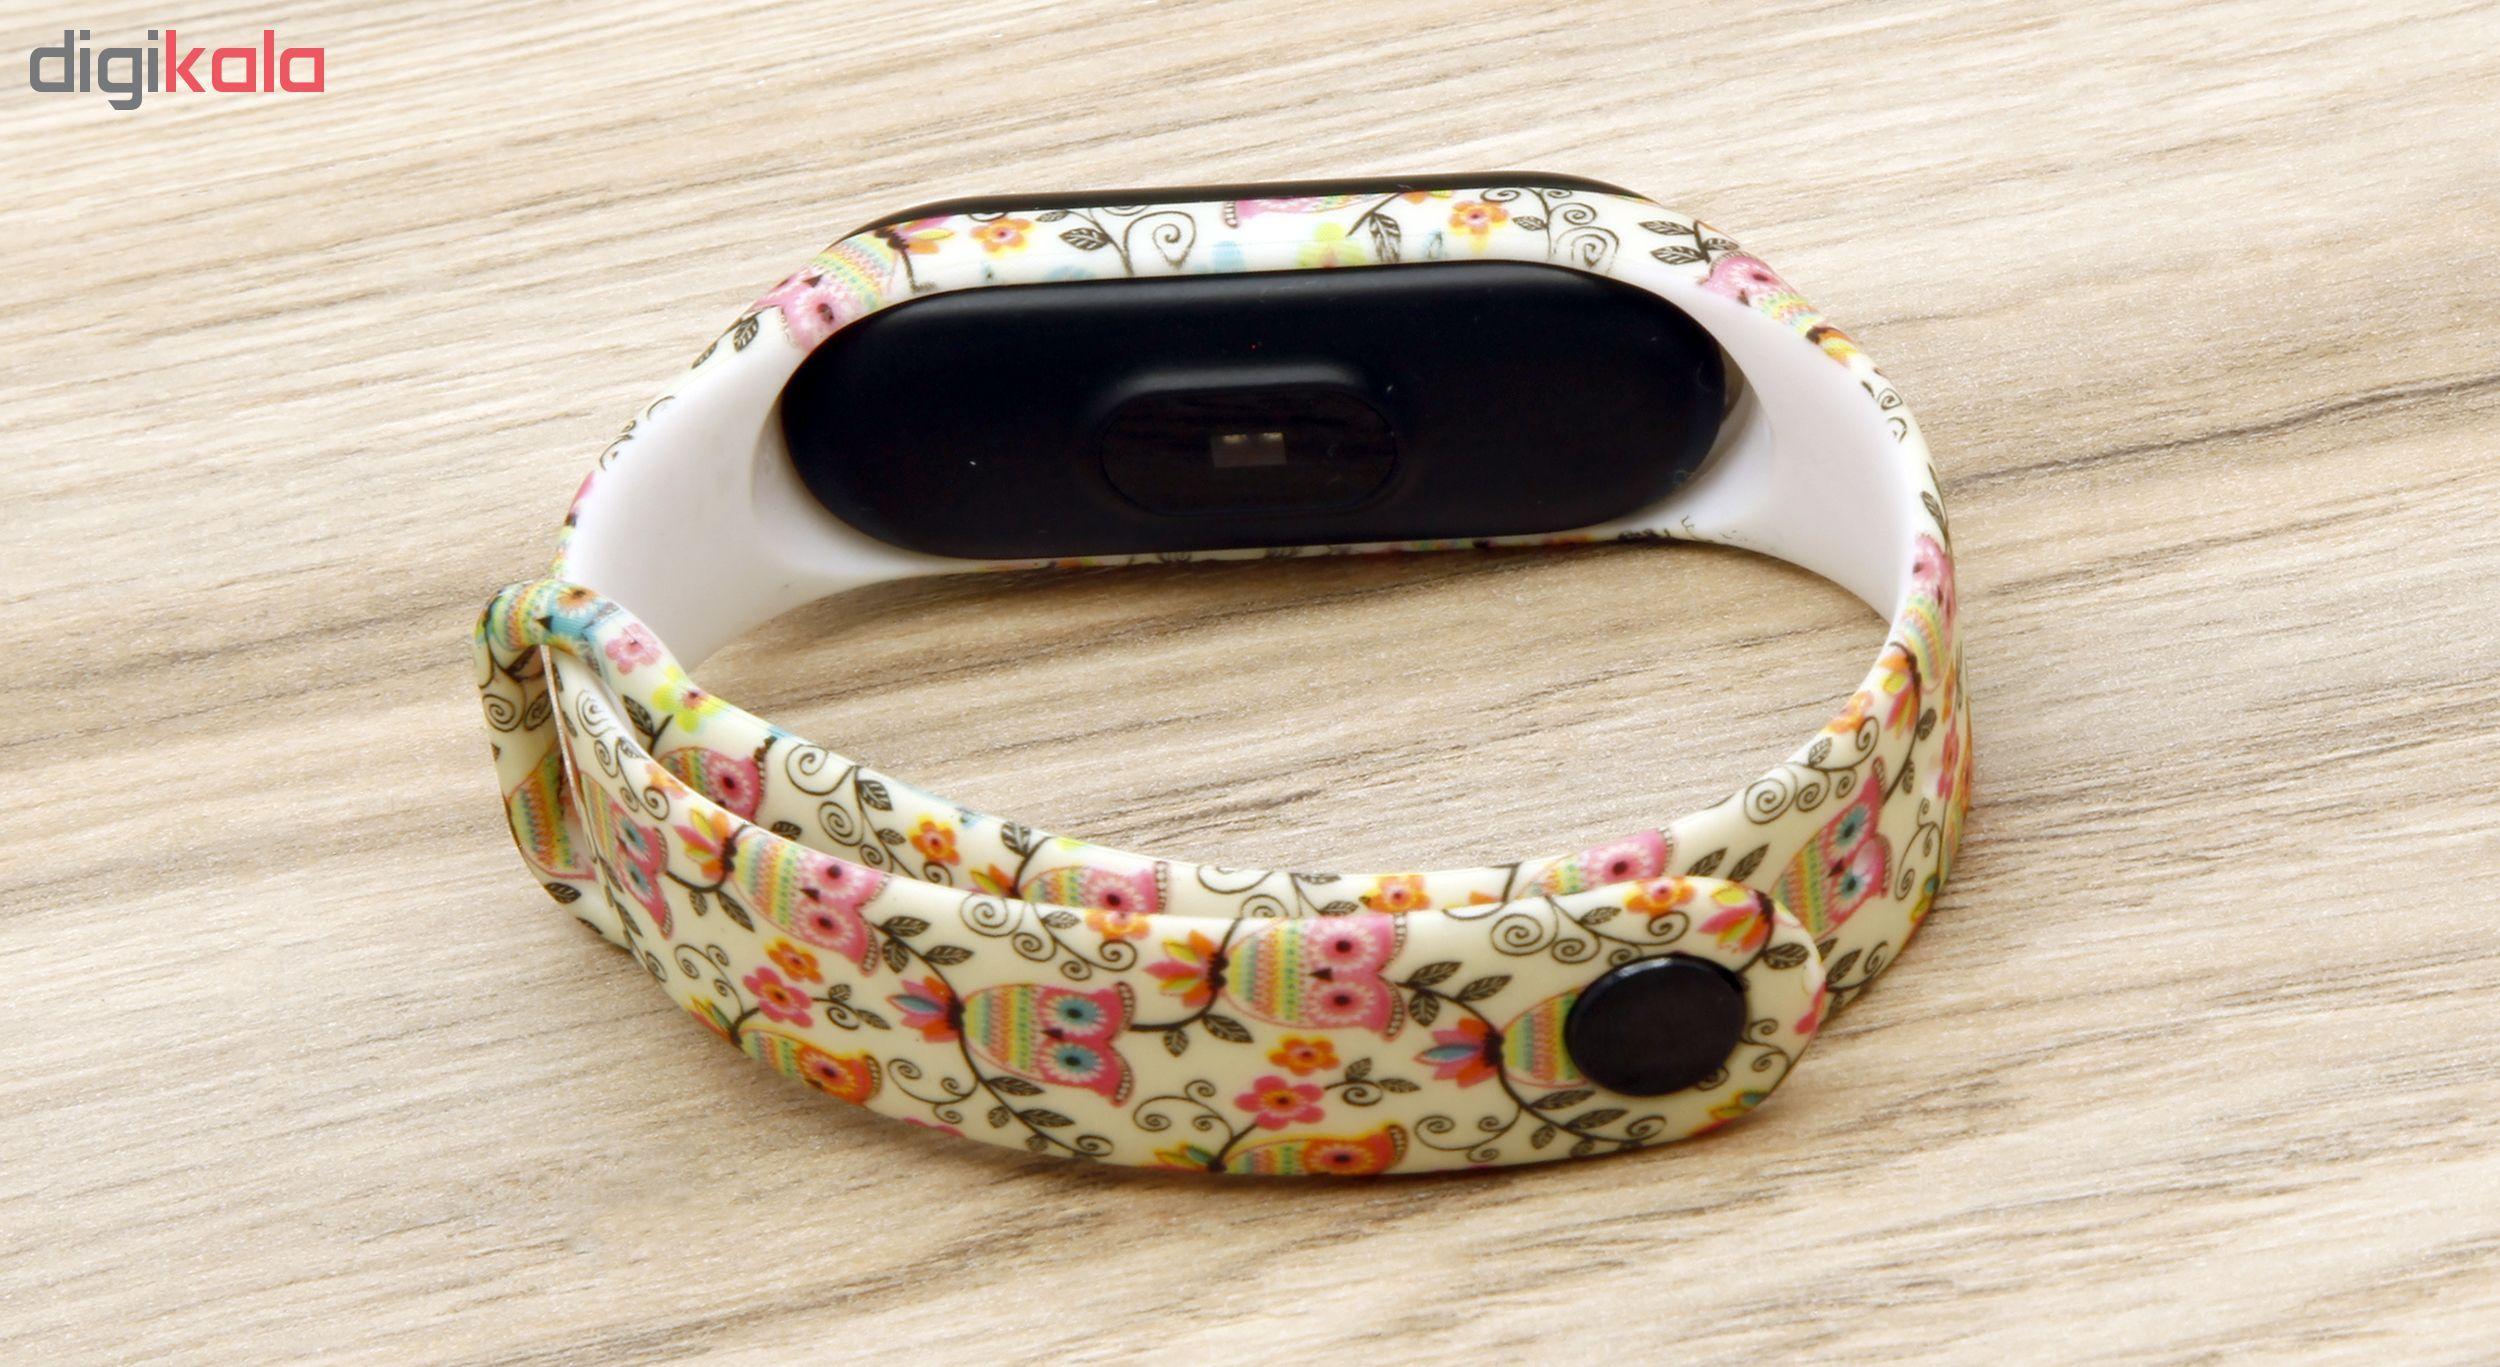 بند مچ بند هوشمند سومگ مدل  SMG-14 مناسب برای مچ بند هوشمند شیائومی Mi Band 3 و M3 main 1 3